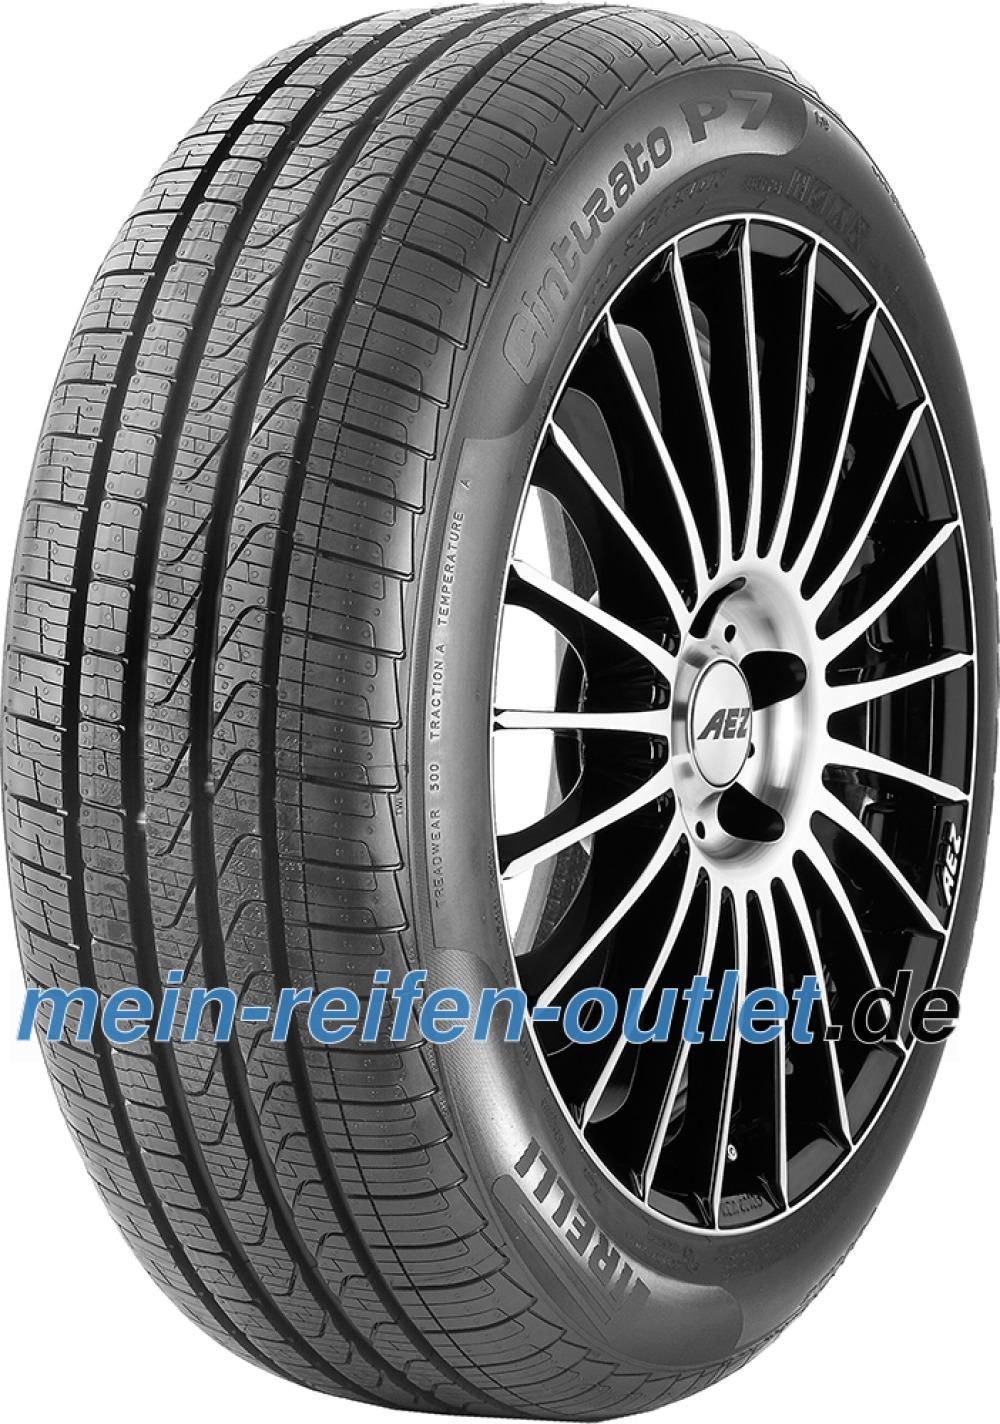 Pirelli Cinturato P7 A/S ( 225/45 R17 94V XL , AO, ECOIMPACT )